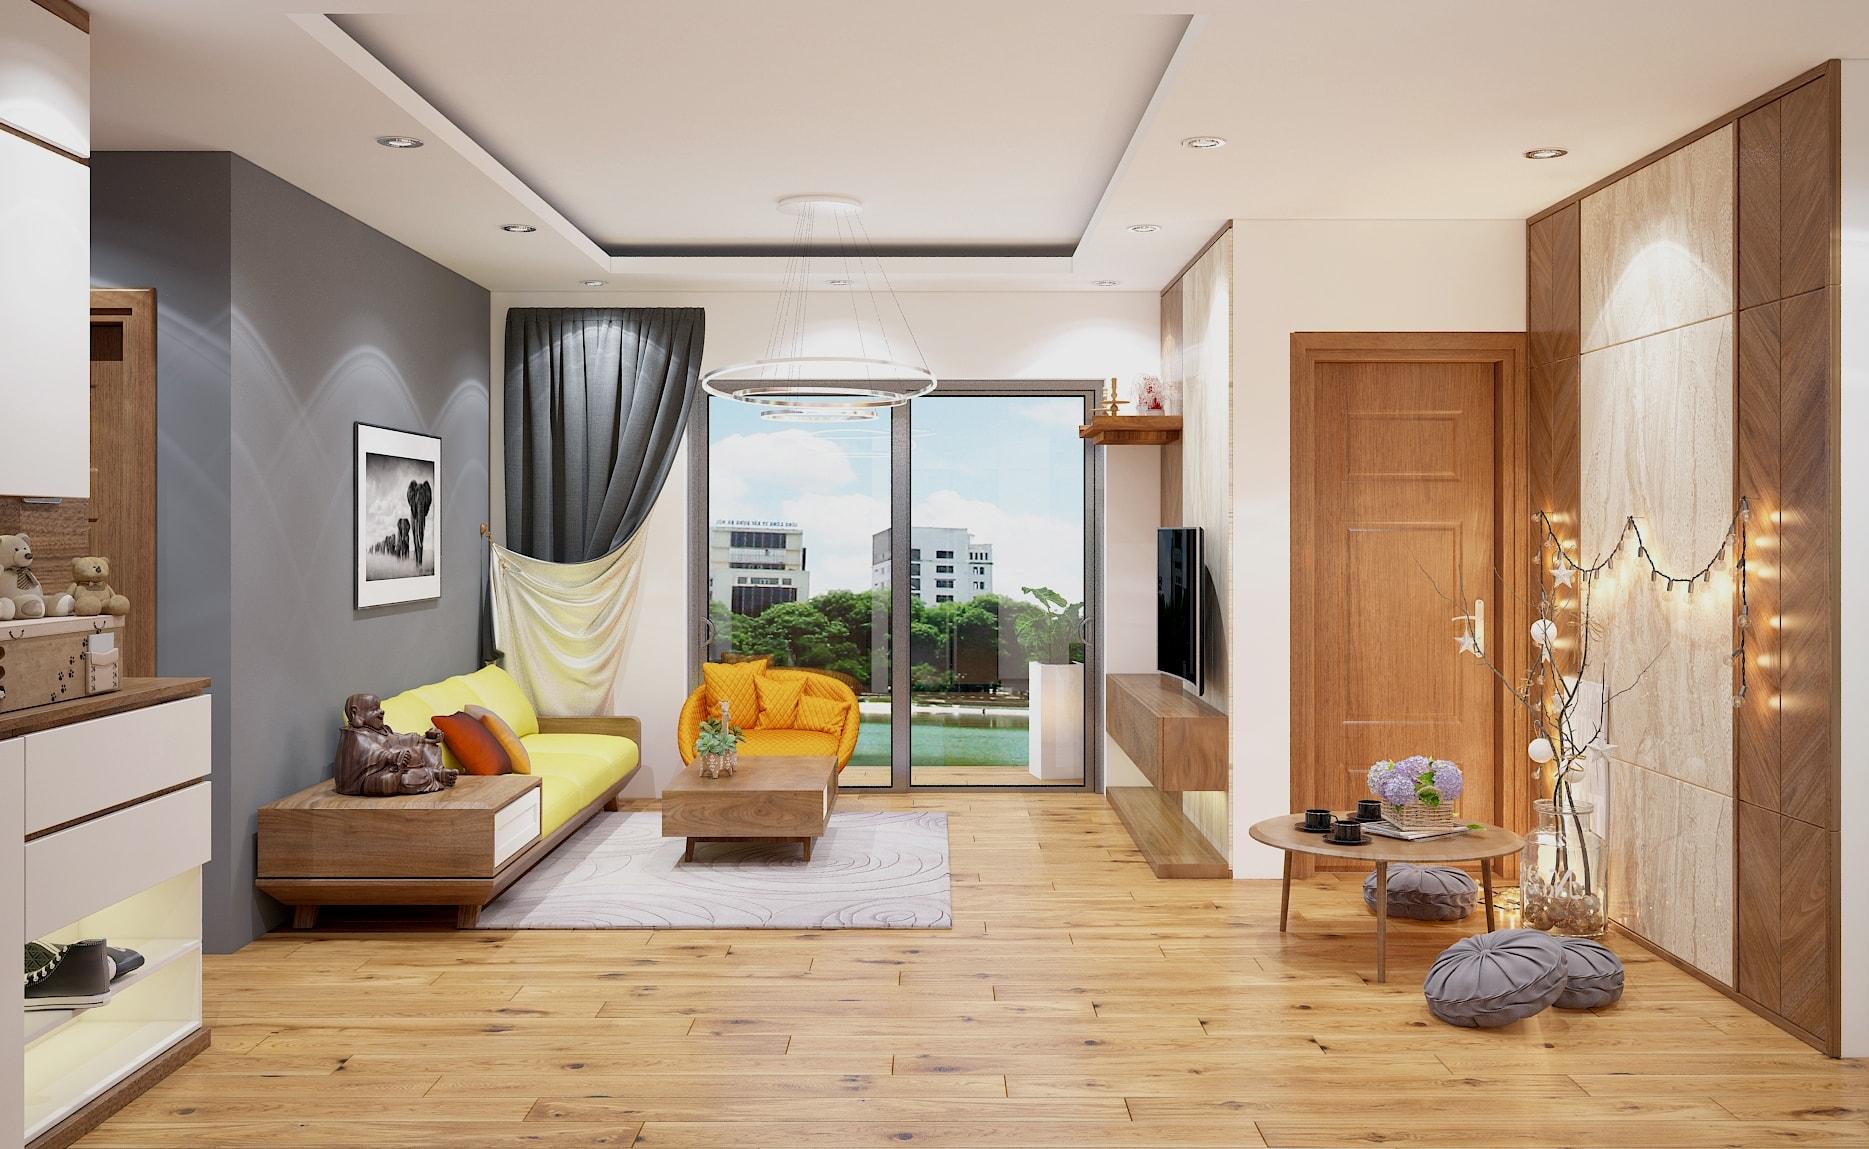 Nội thất phòng khách đẹp bằng gỗ 7